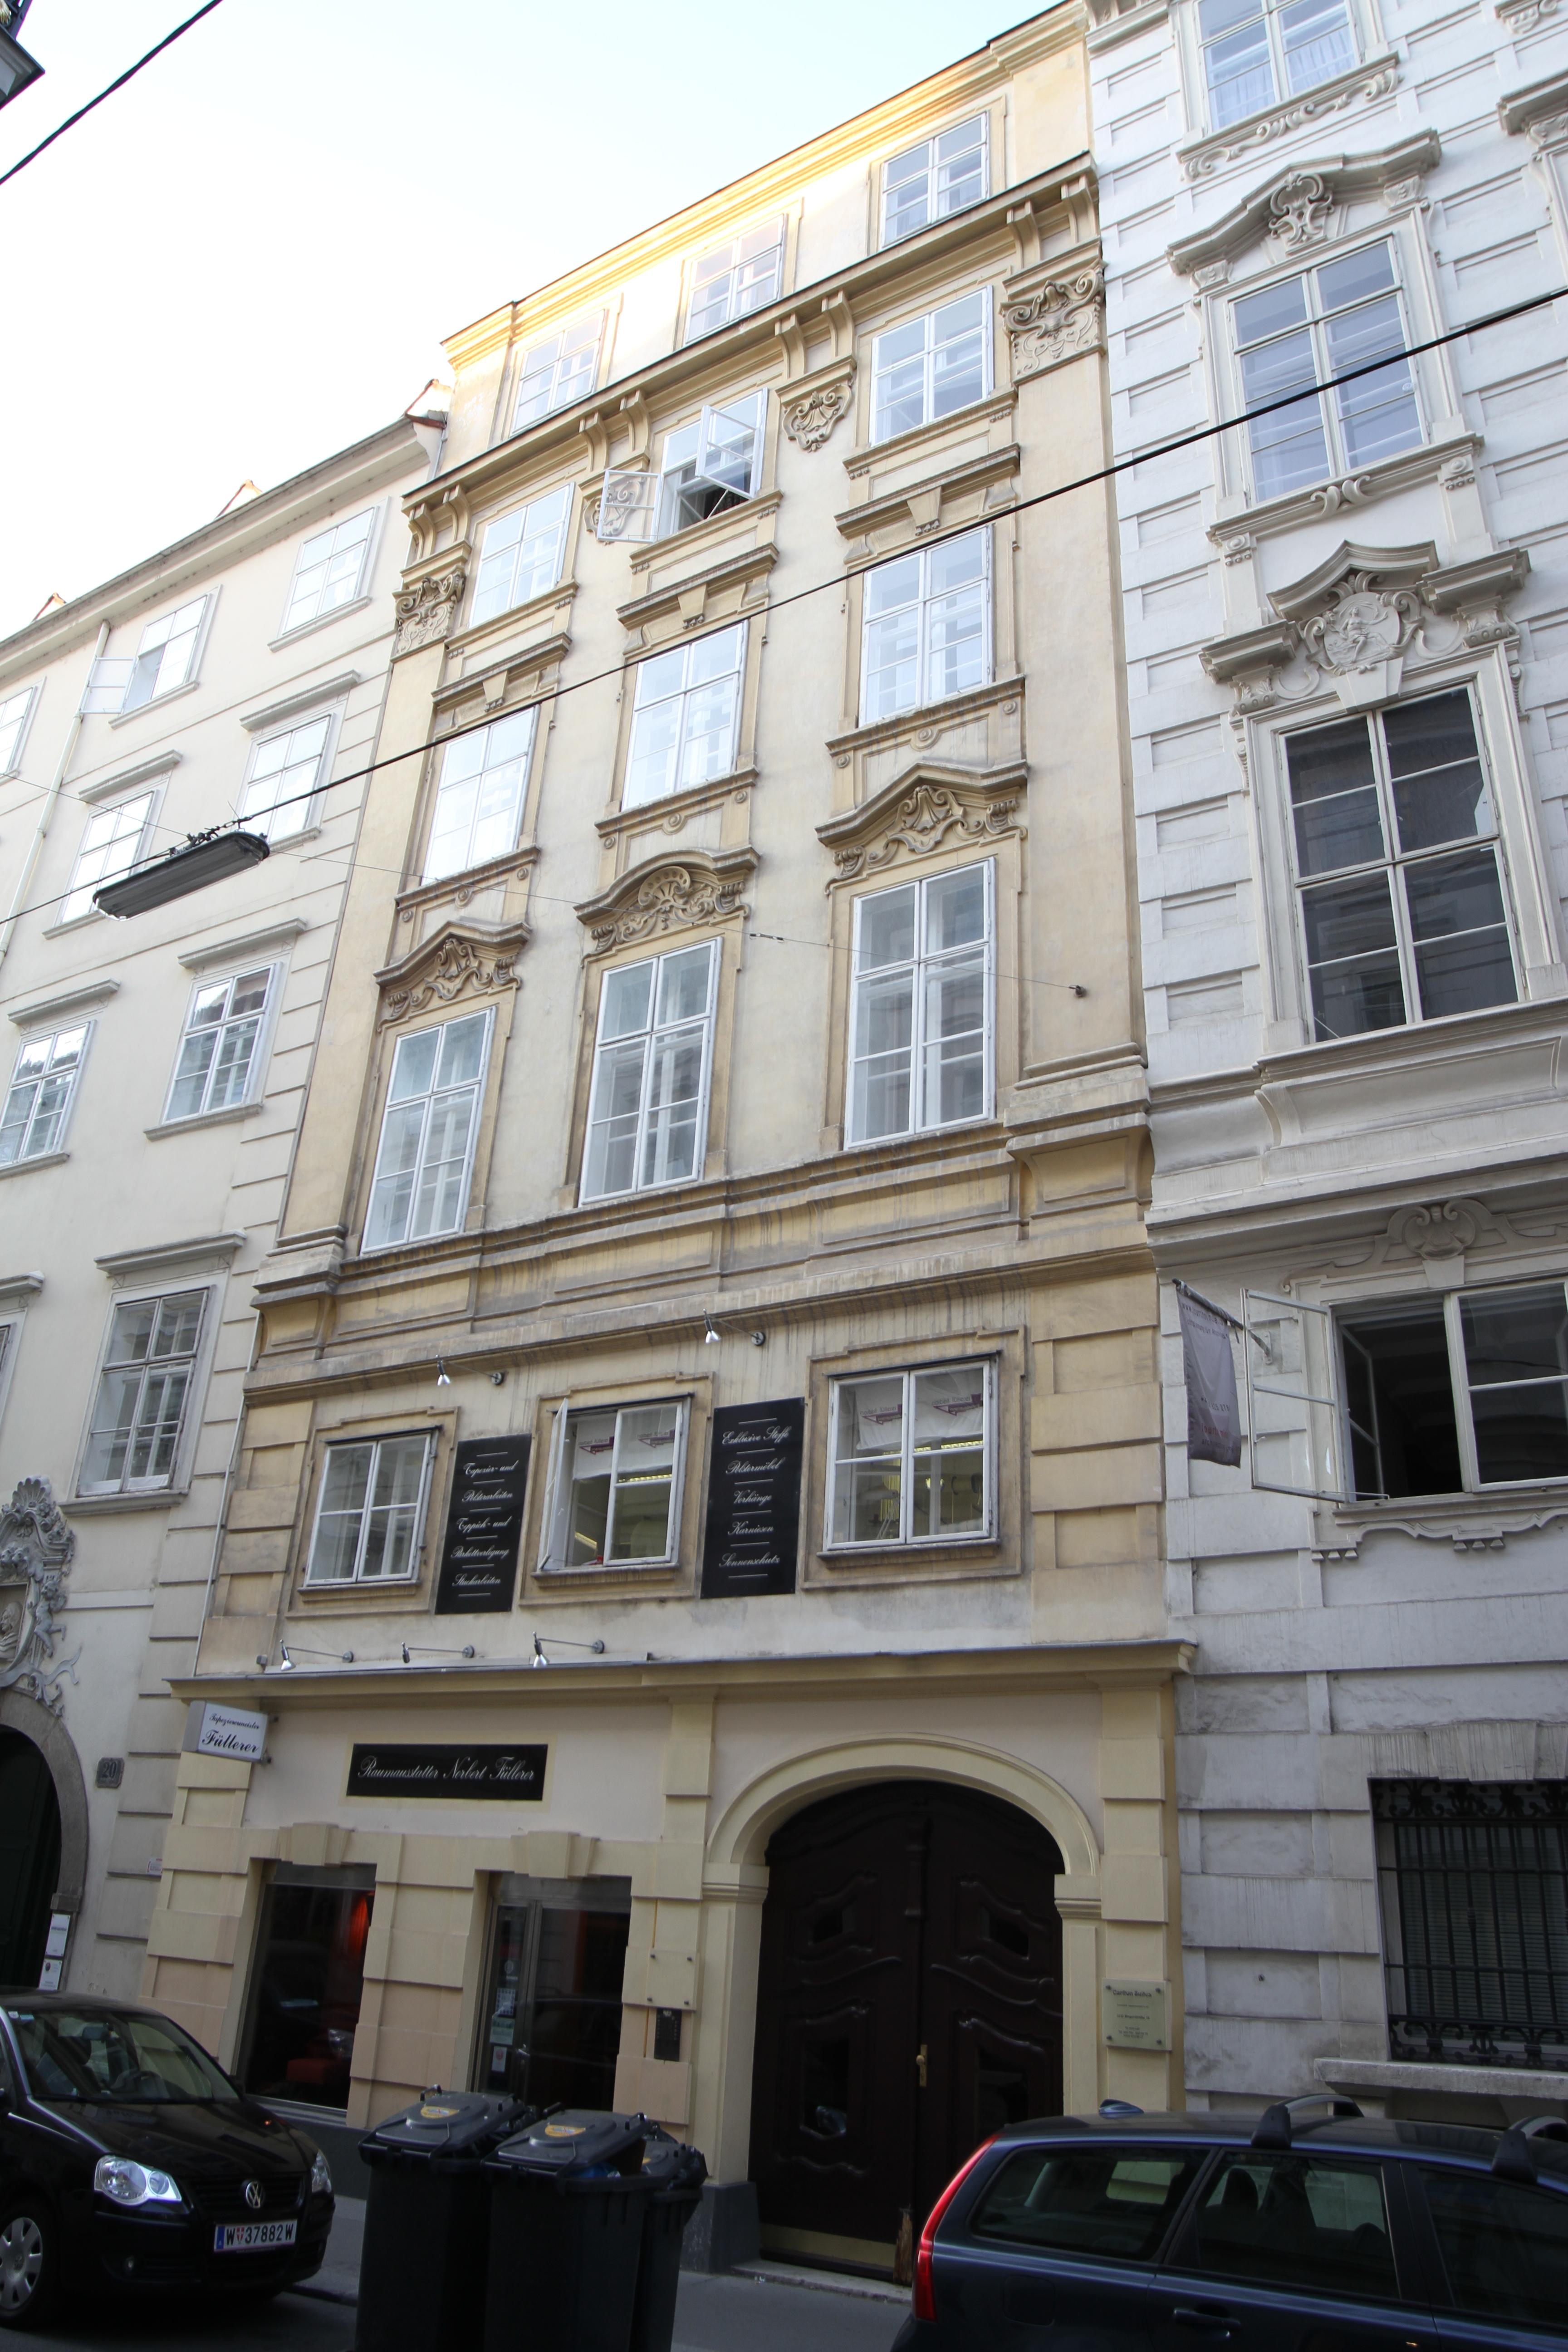 Singerstraße 18-IMG 2969.JPG